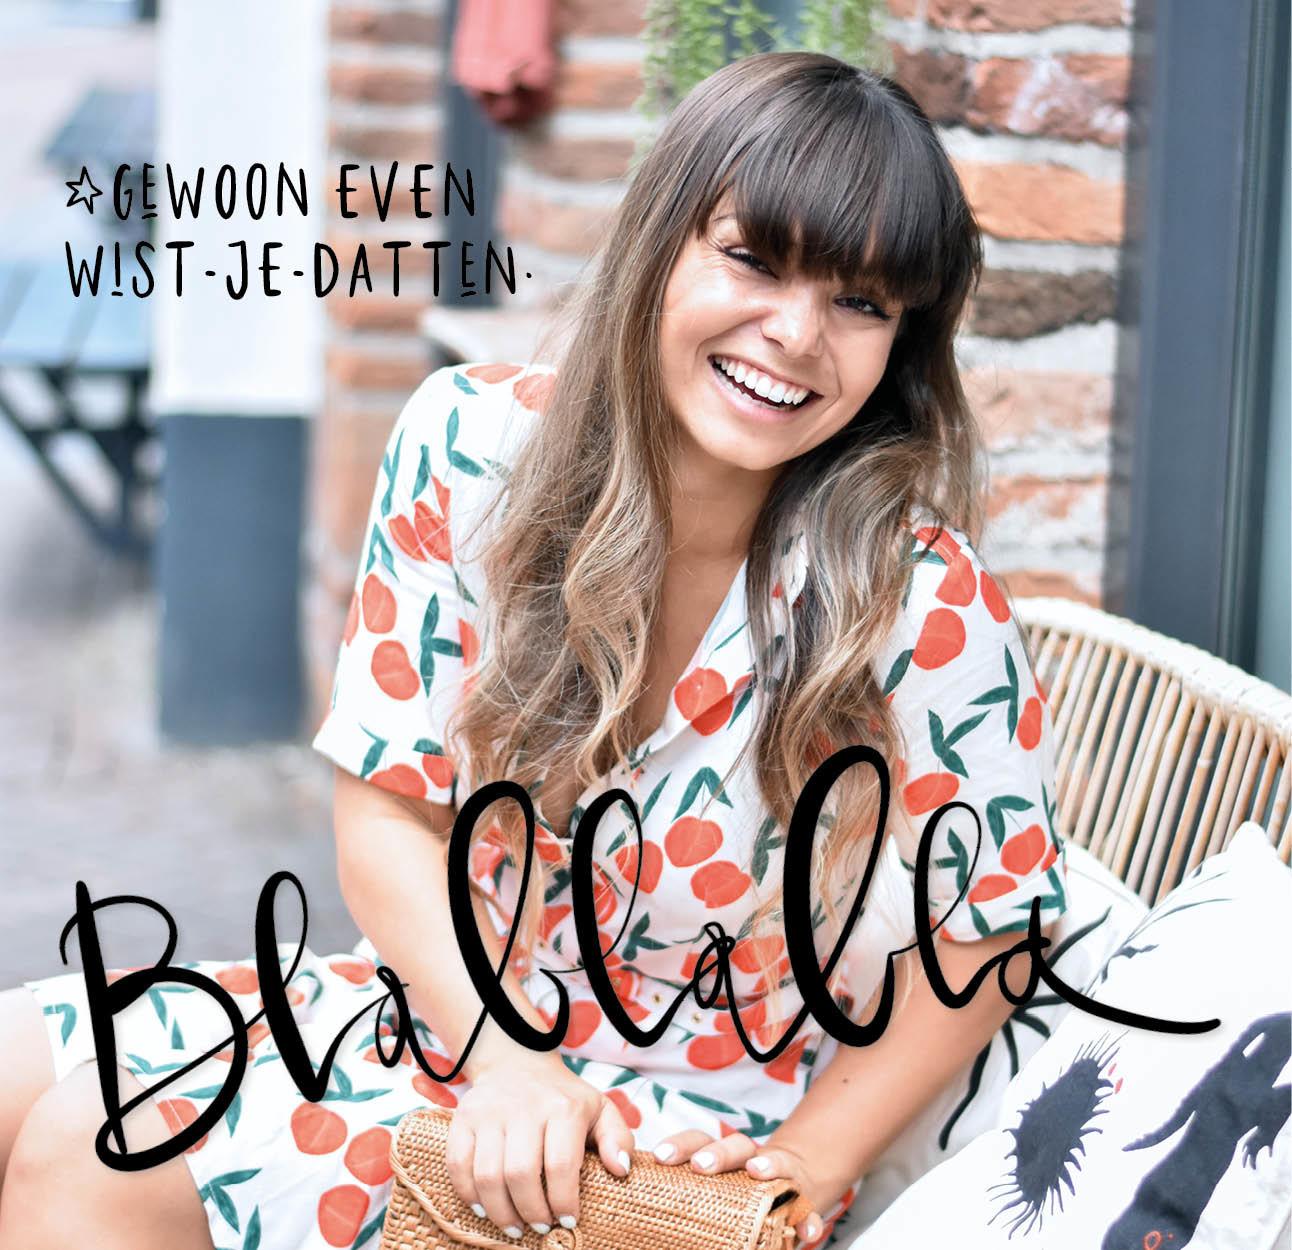 kiki lachend in zwolle winkelen op een bankje gekleurde jurk aan